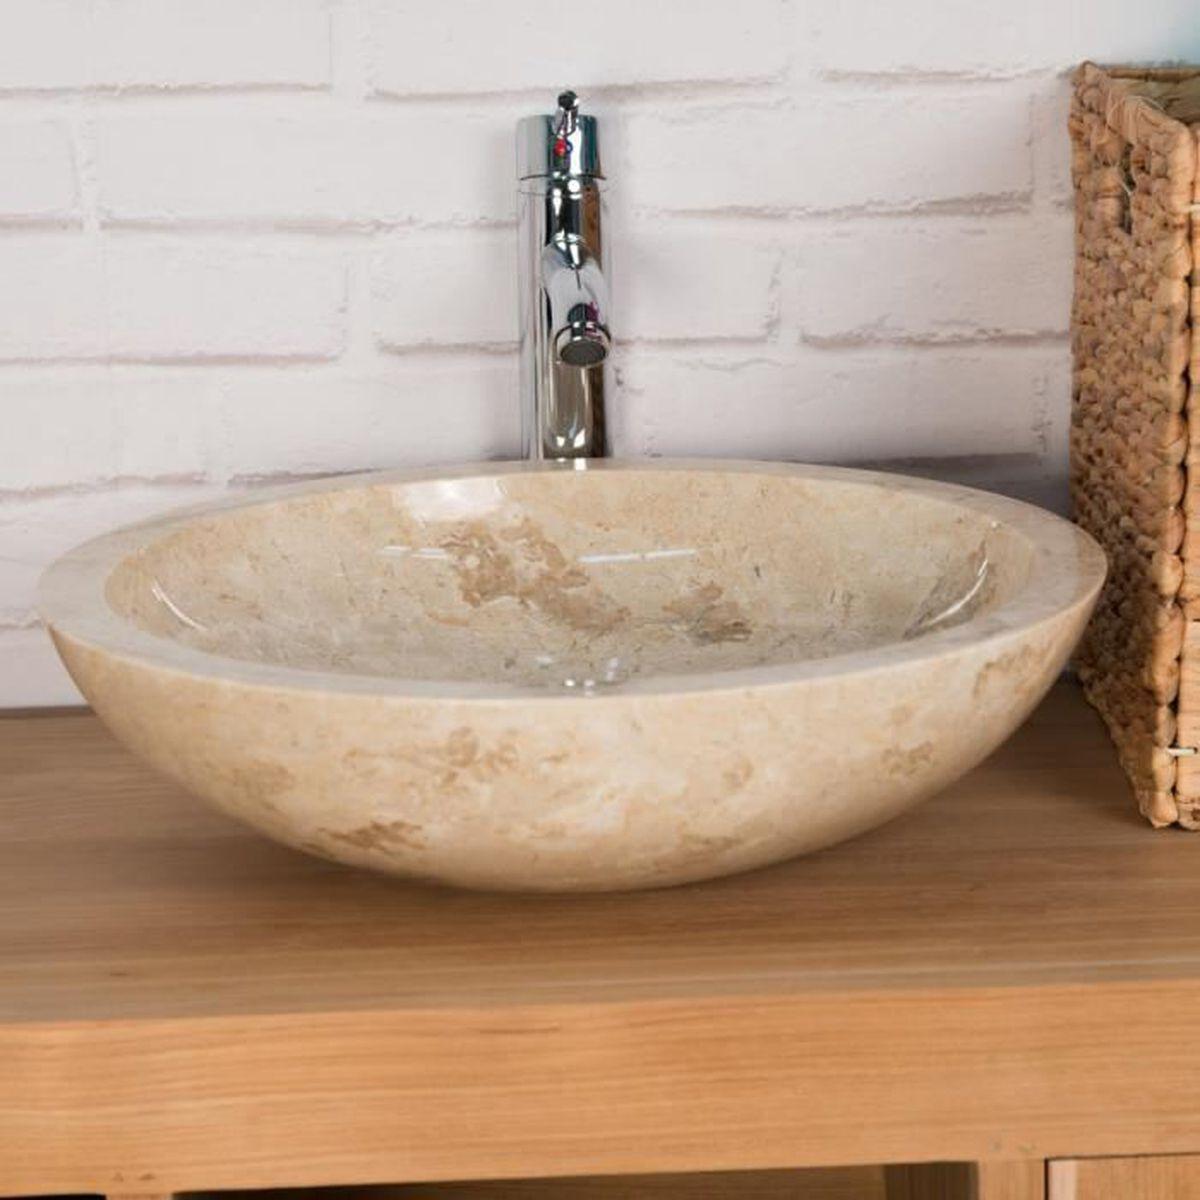 Vasque Ronde BARCELONE en marbre à poser colori crème - Diametre